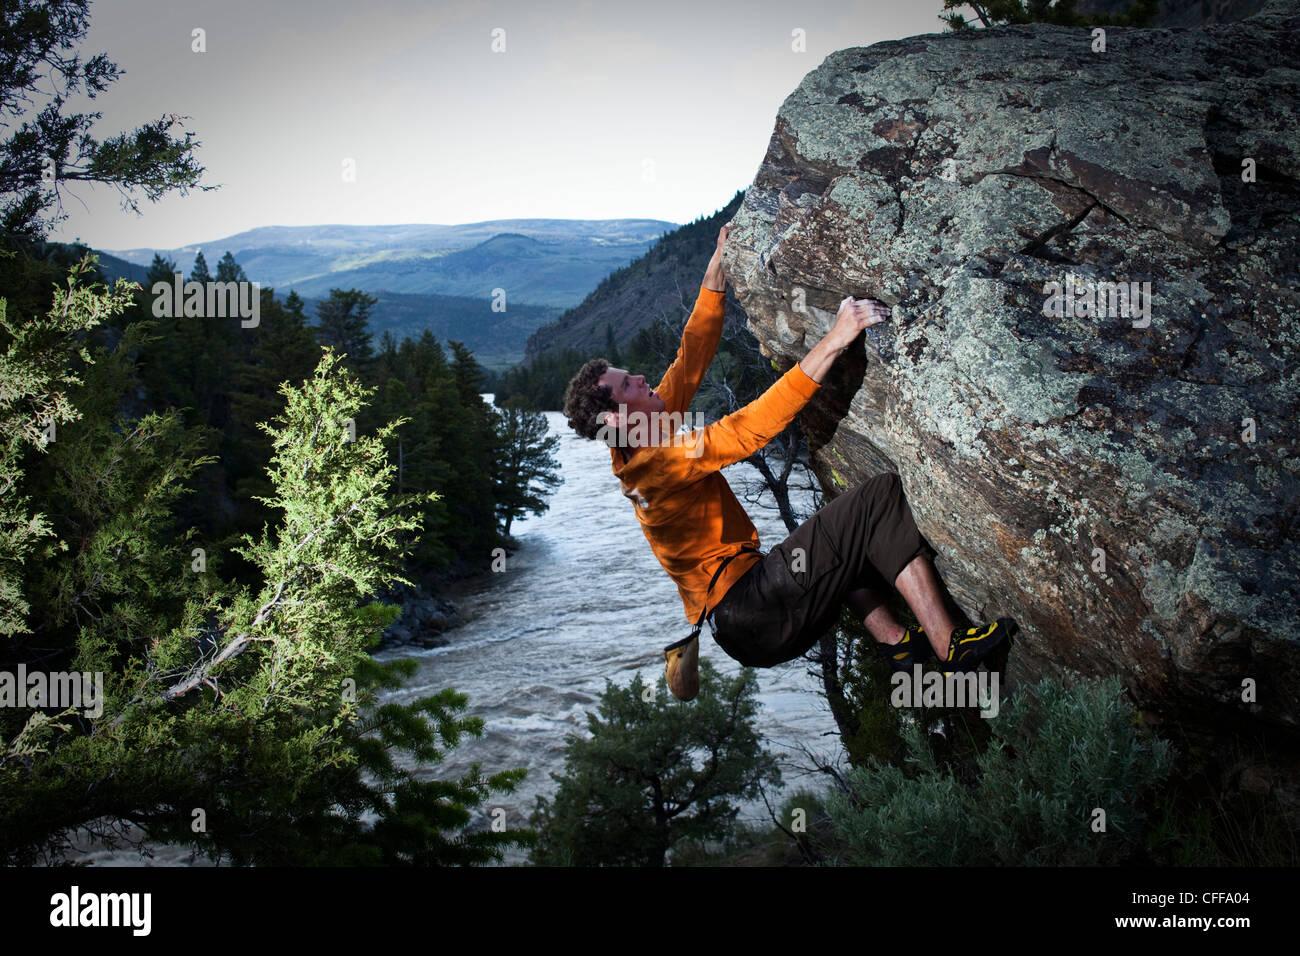 Un homme athlétique bouldering au-dessus d'une rivière dans le Montana. Photo Stock